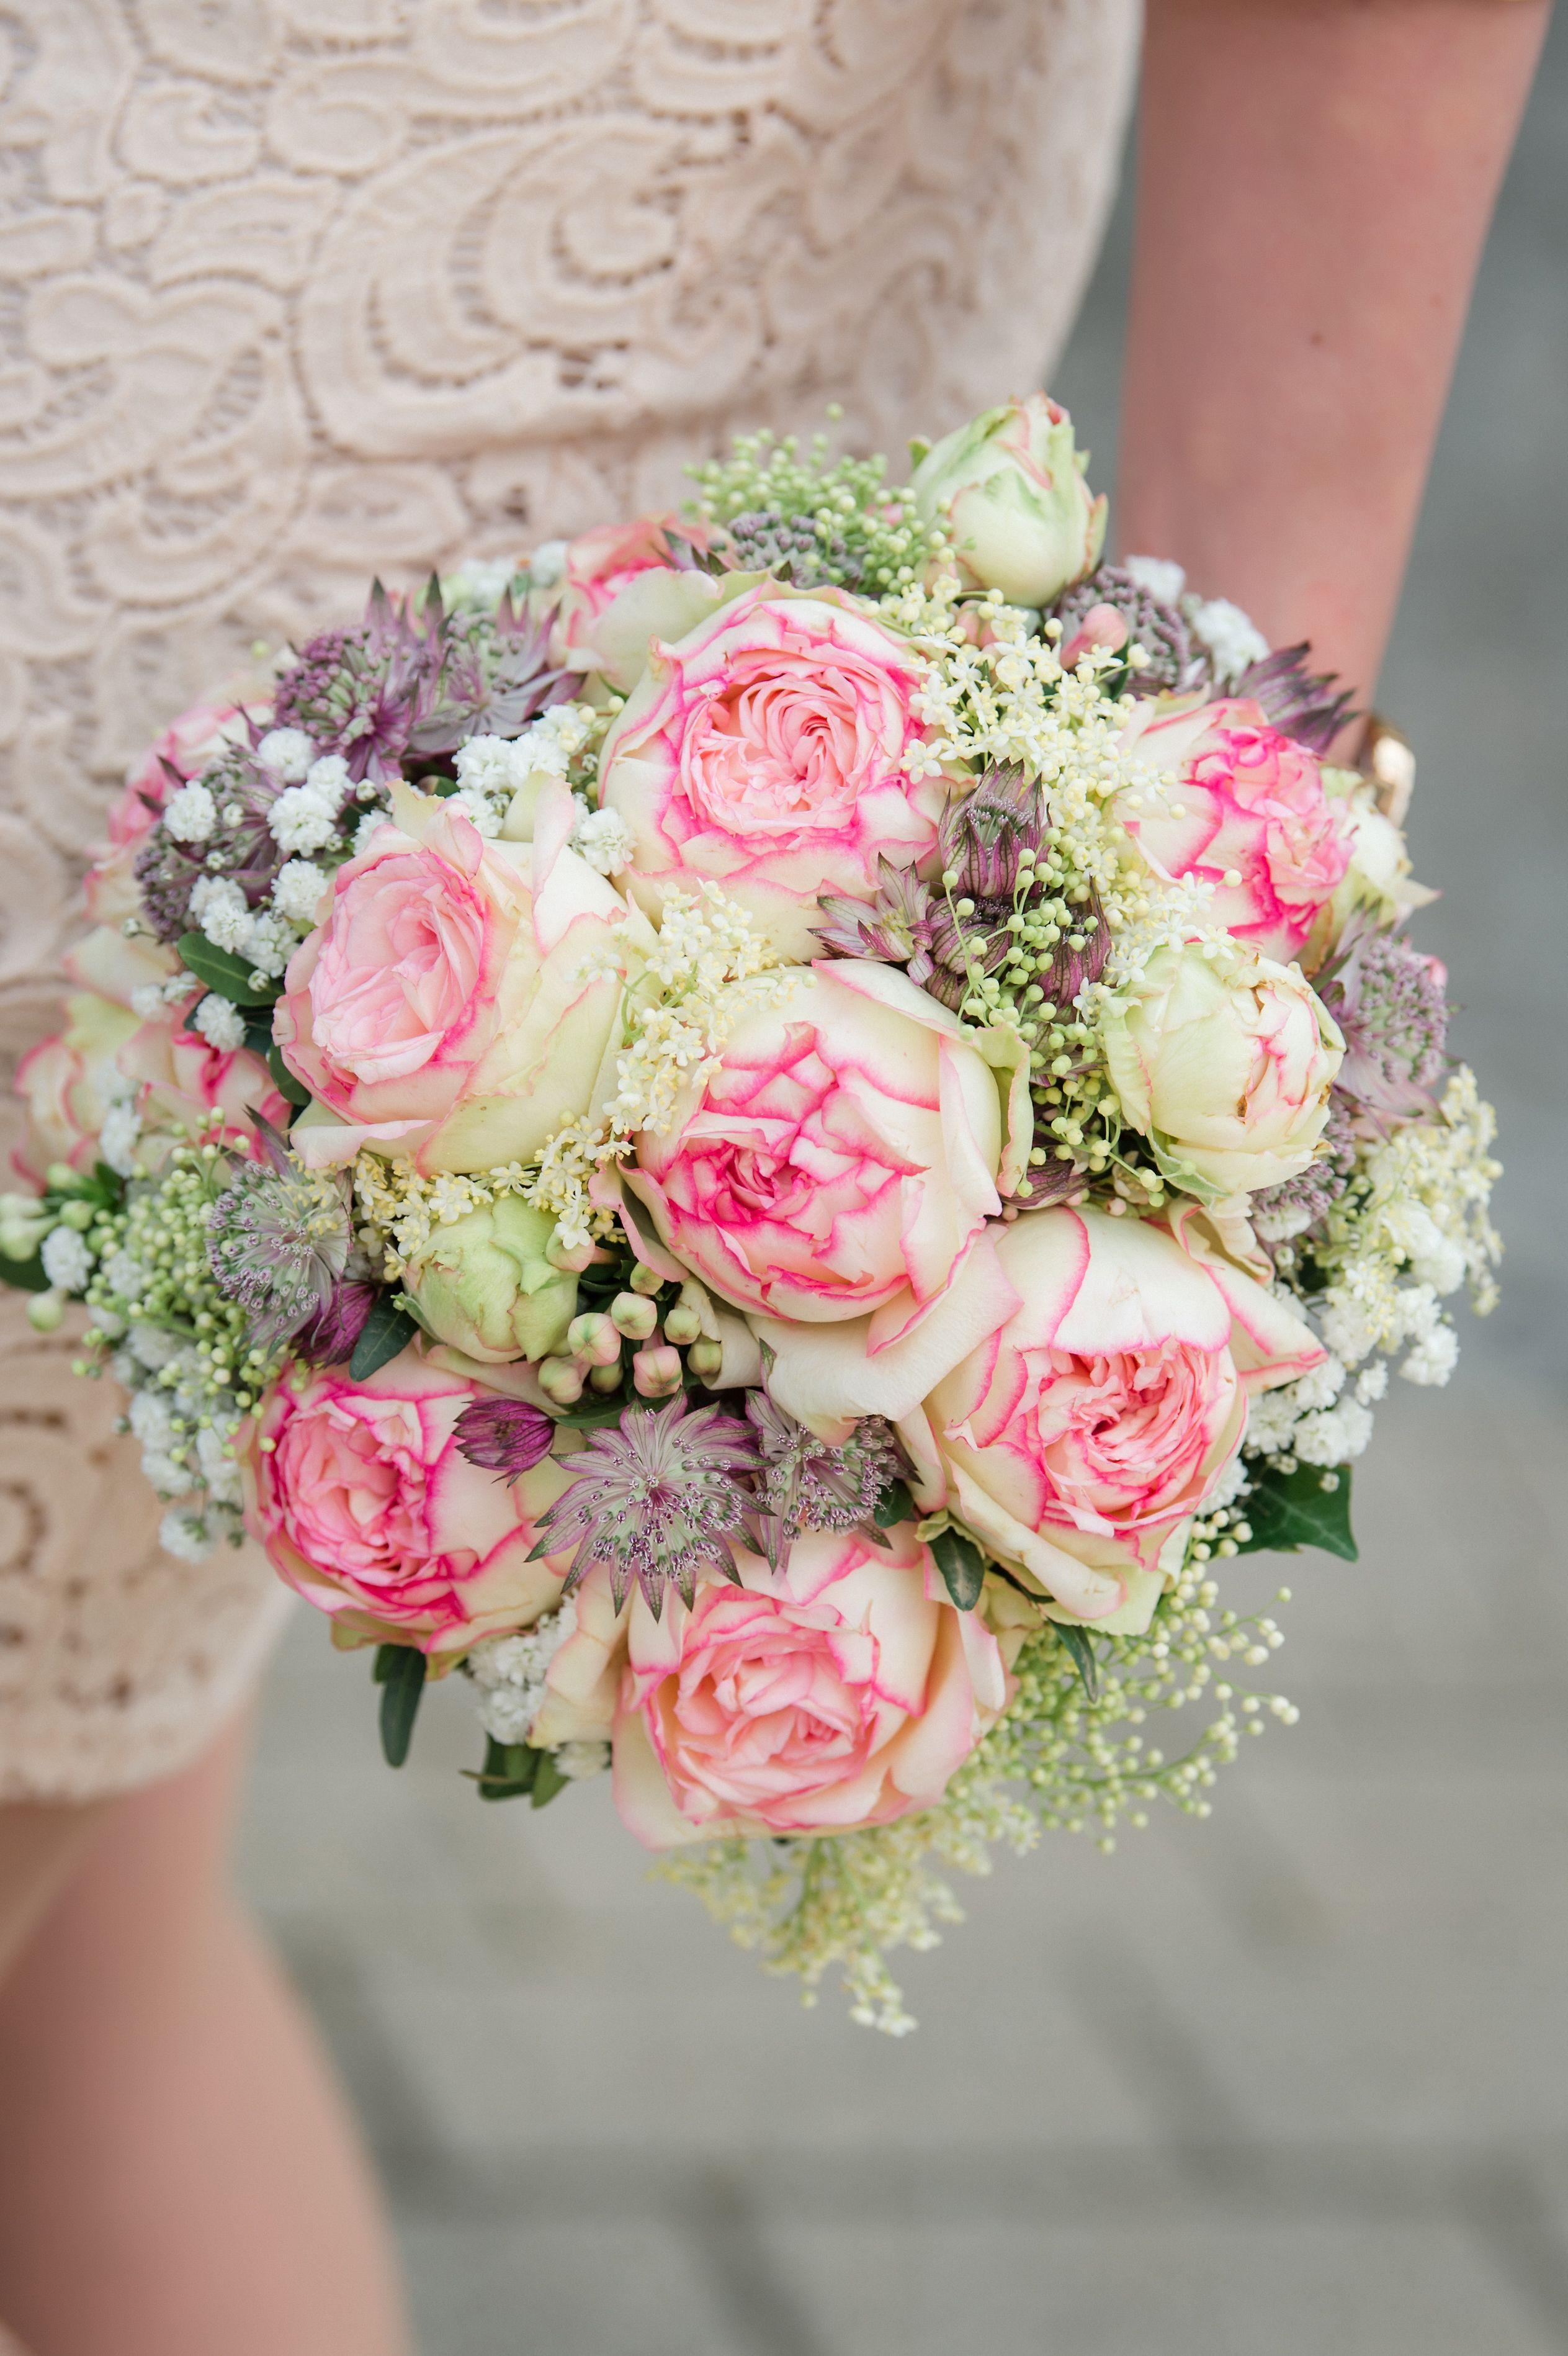 Etwas rustikal und doch elegant. Große gefüllte Rosen.